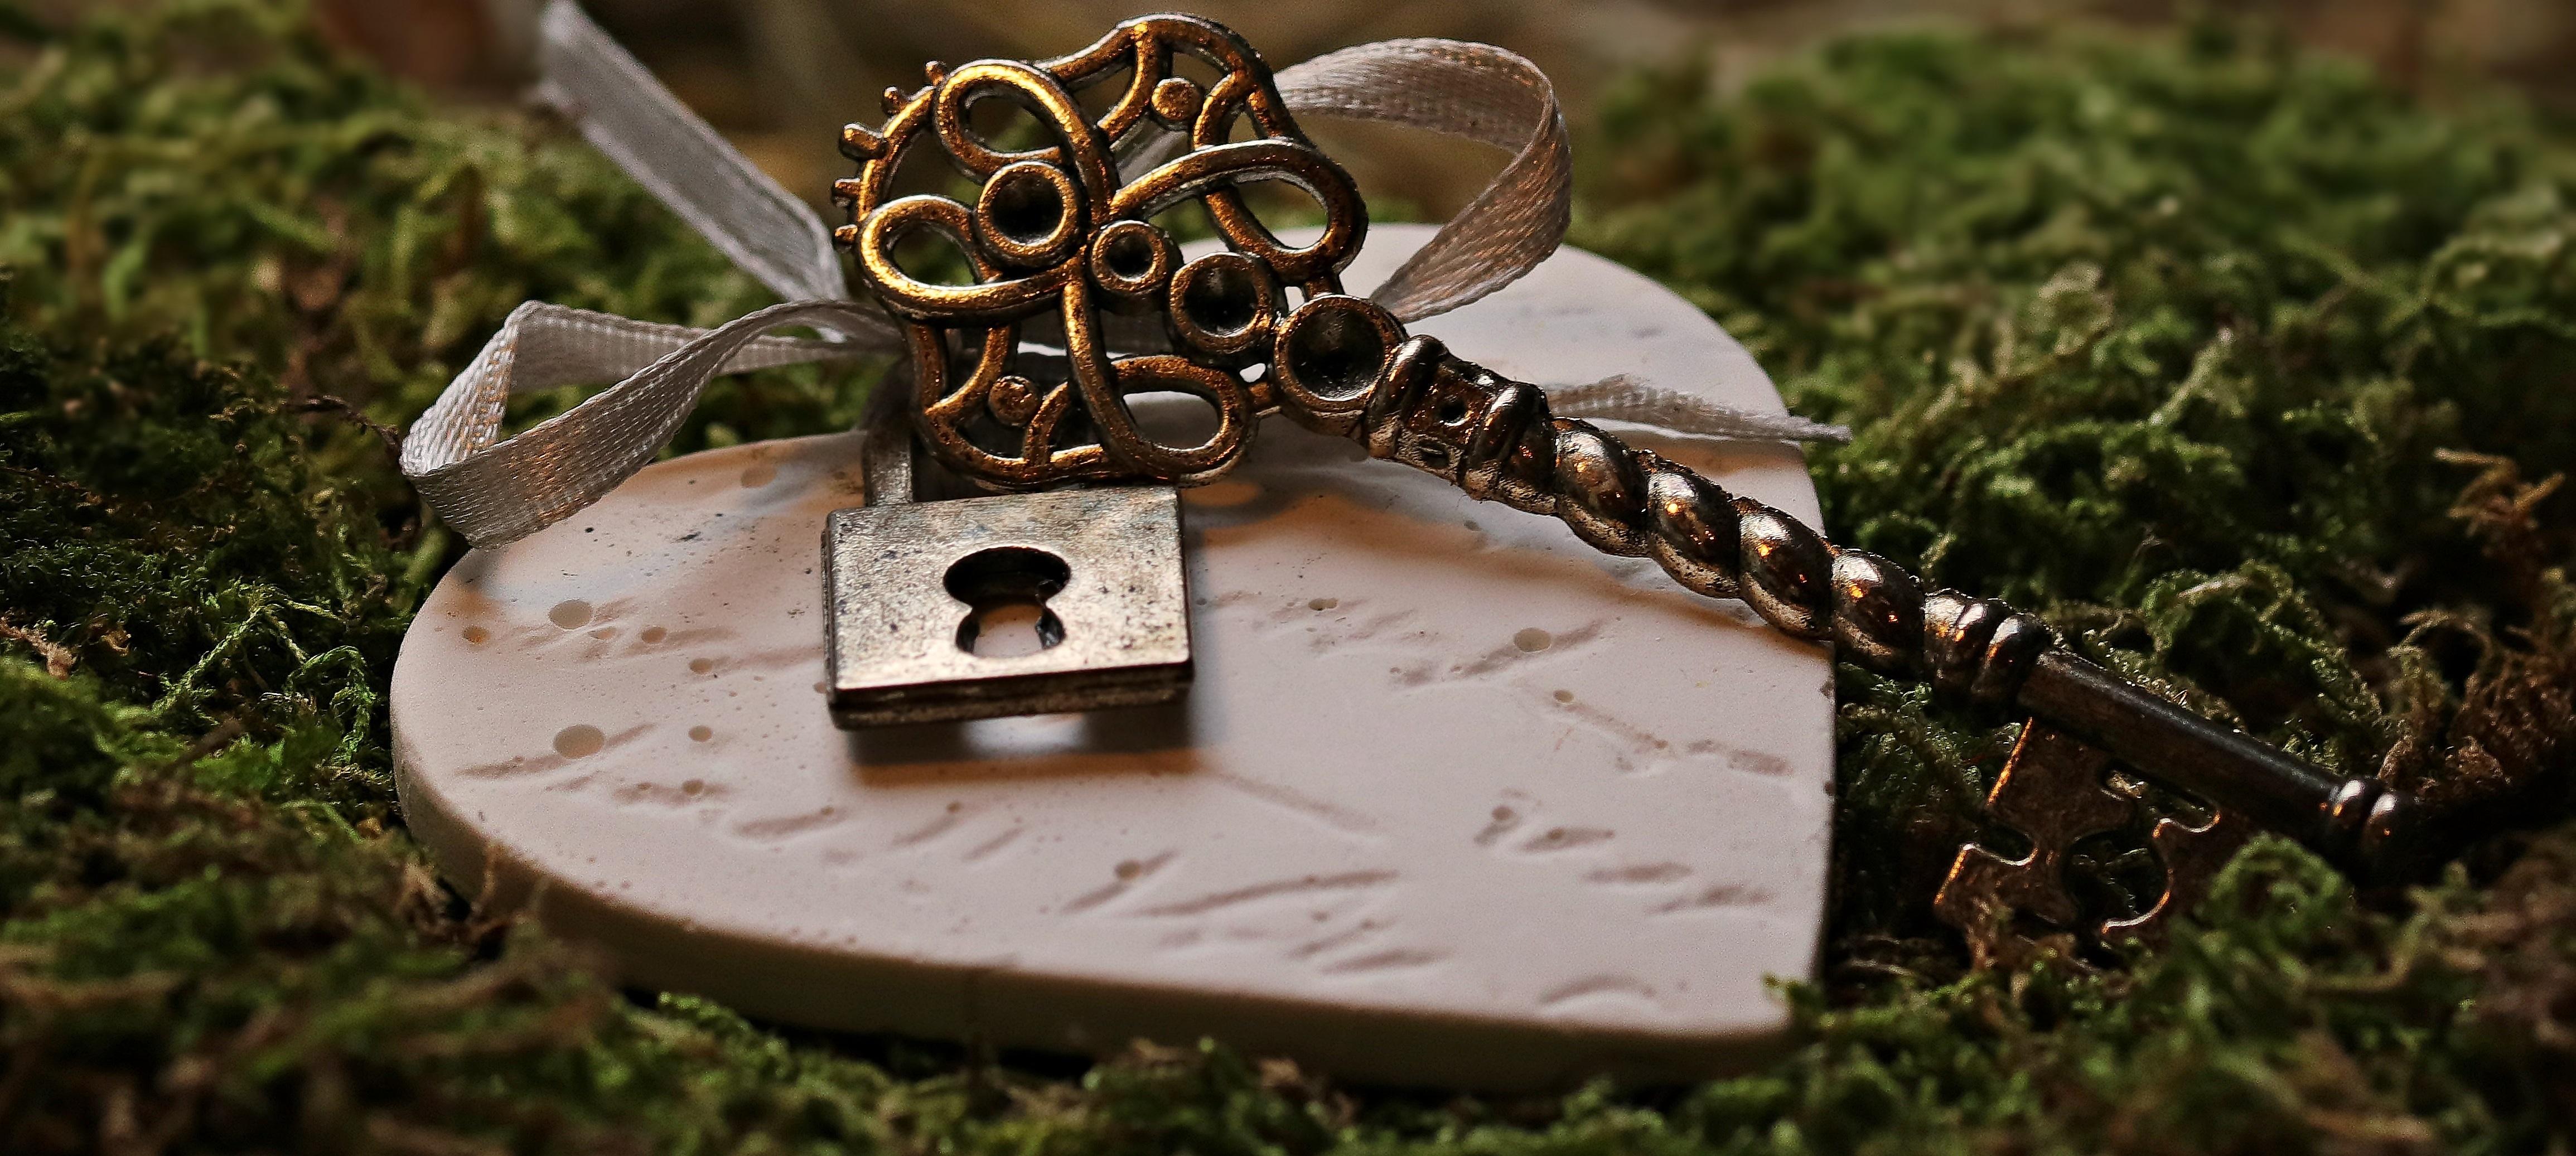 Free Images Flower Moss Love Symbol Romance Romantic Castle